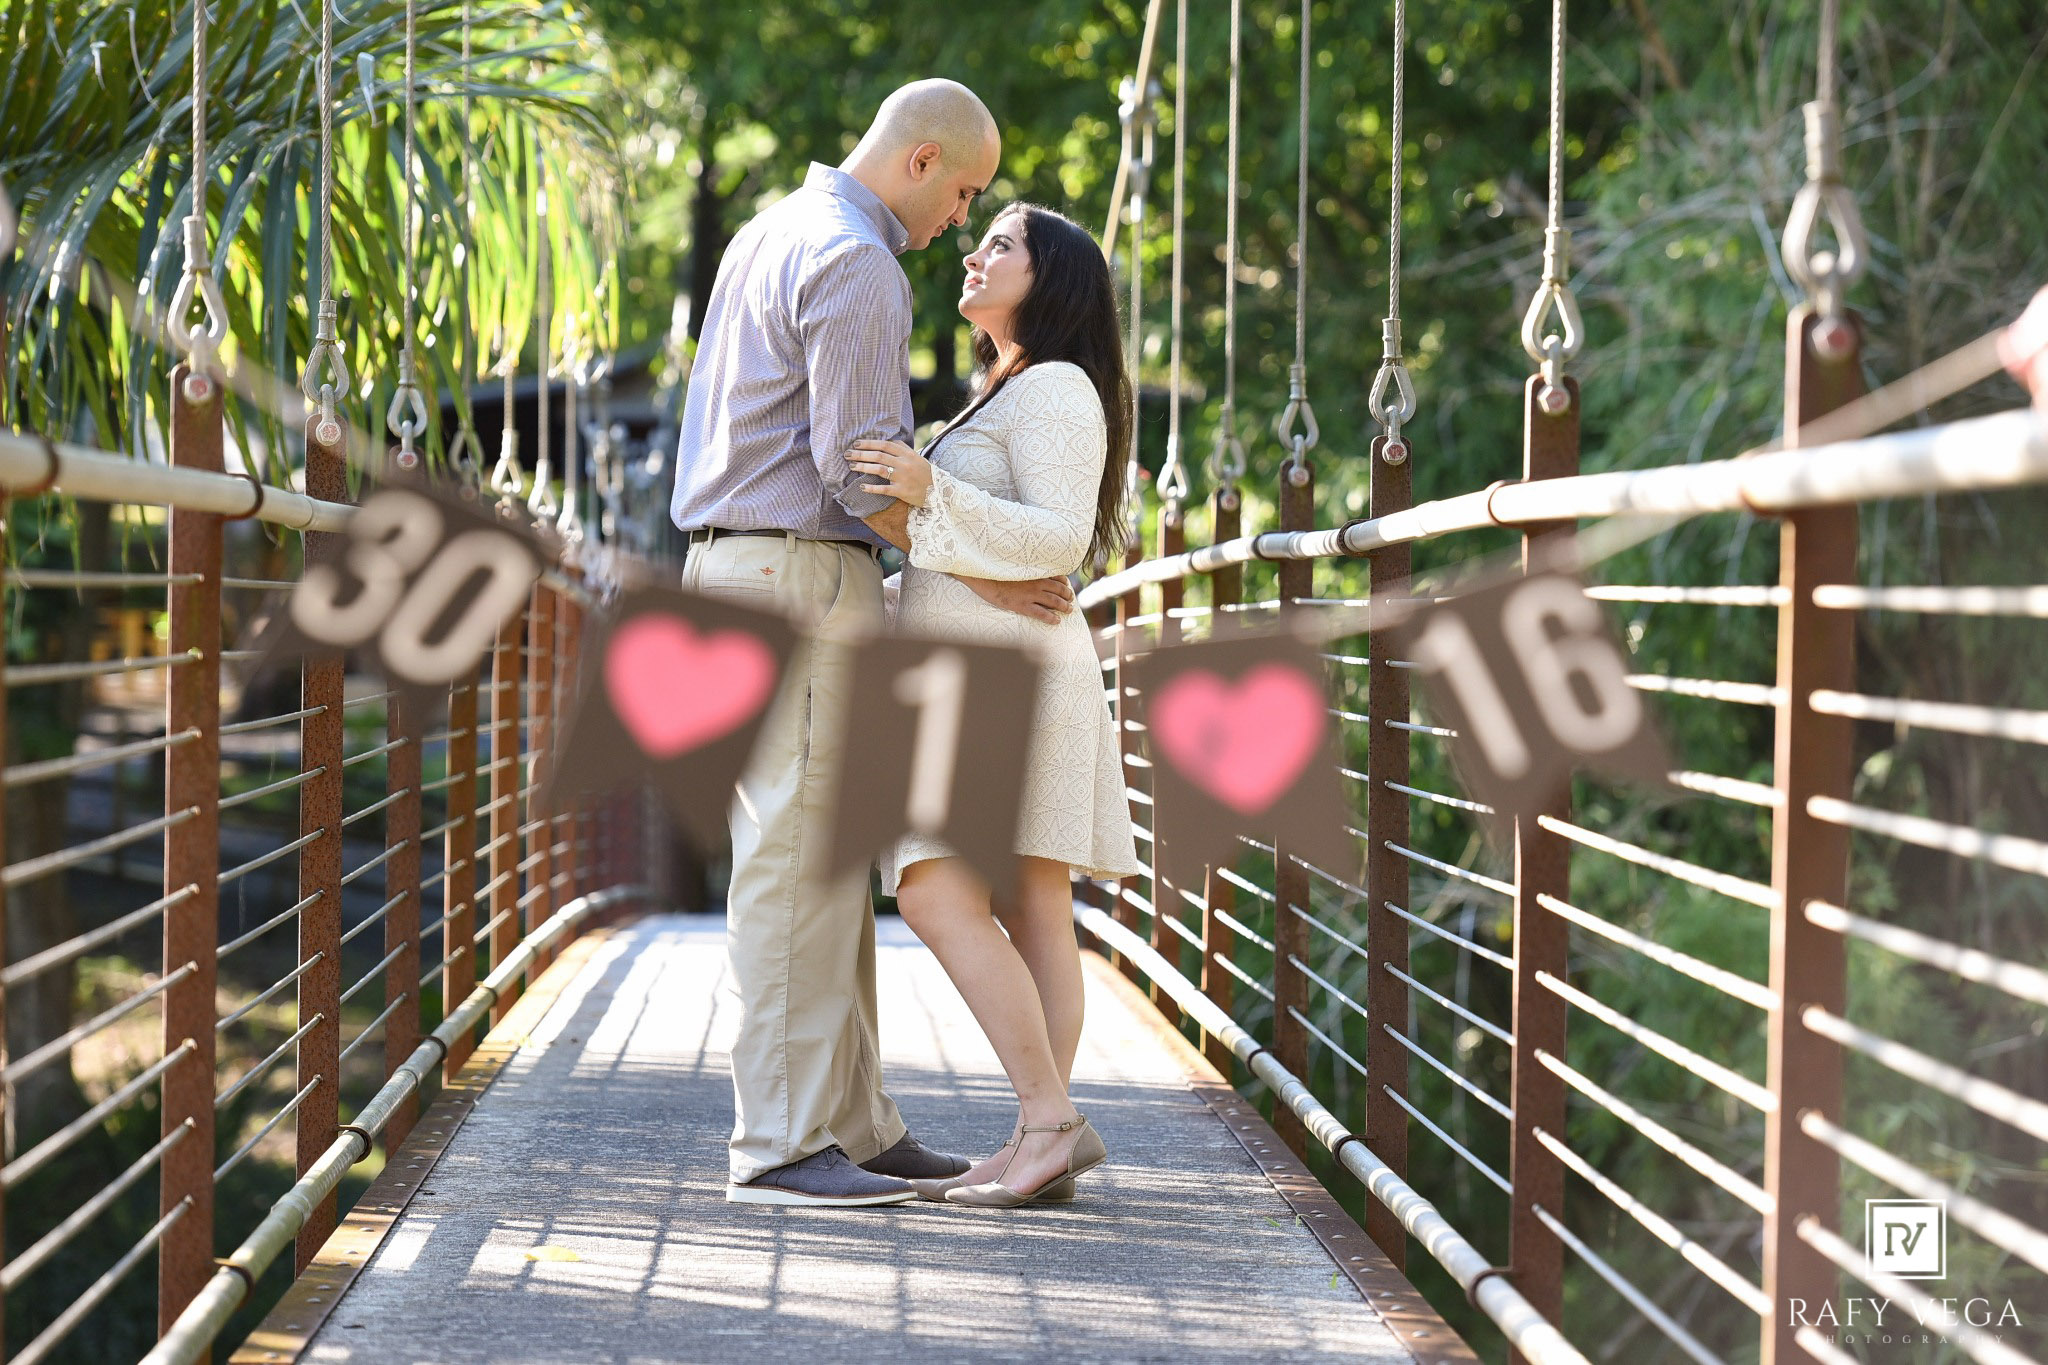 Love story en el jard n bot nico de caguas puerto rico for Bodas en el jardin botanico de rio piedras